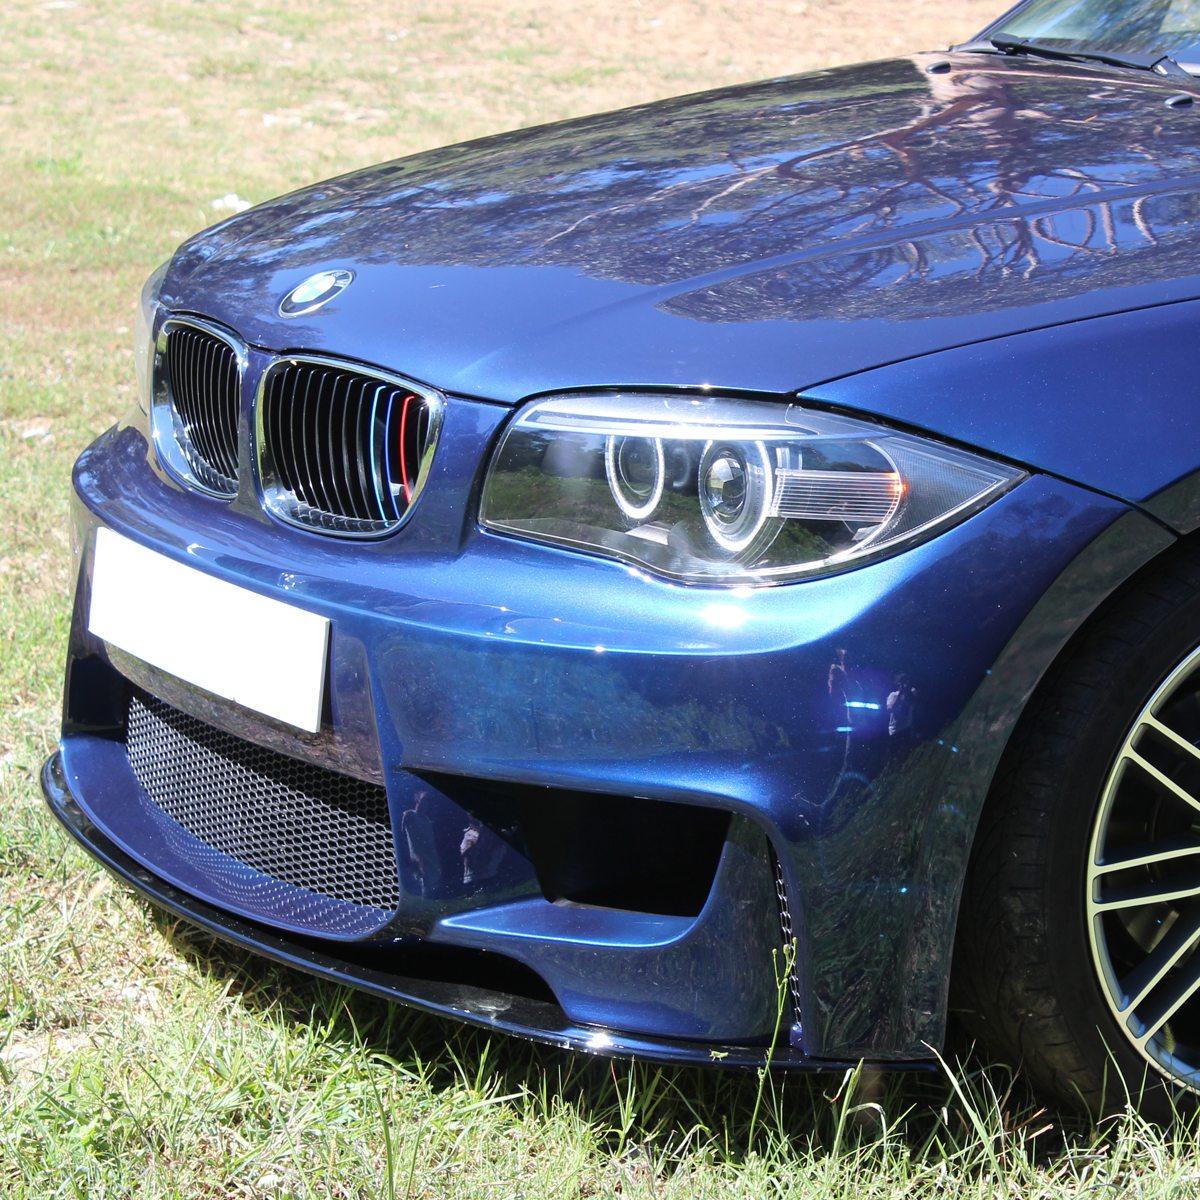 BMW-Serie-1-Para-choques-Frente-Look-M1-s-sup-F.N.-3